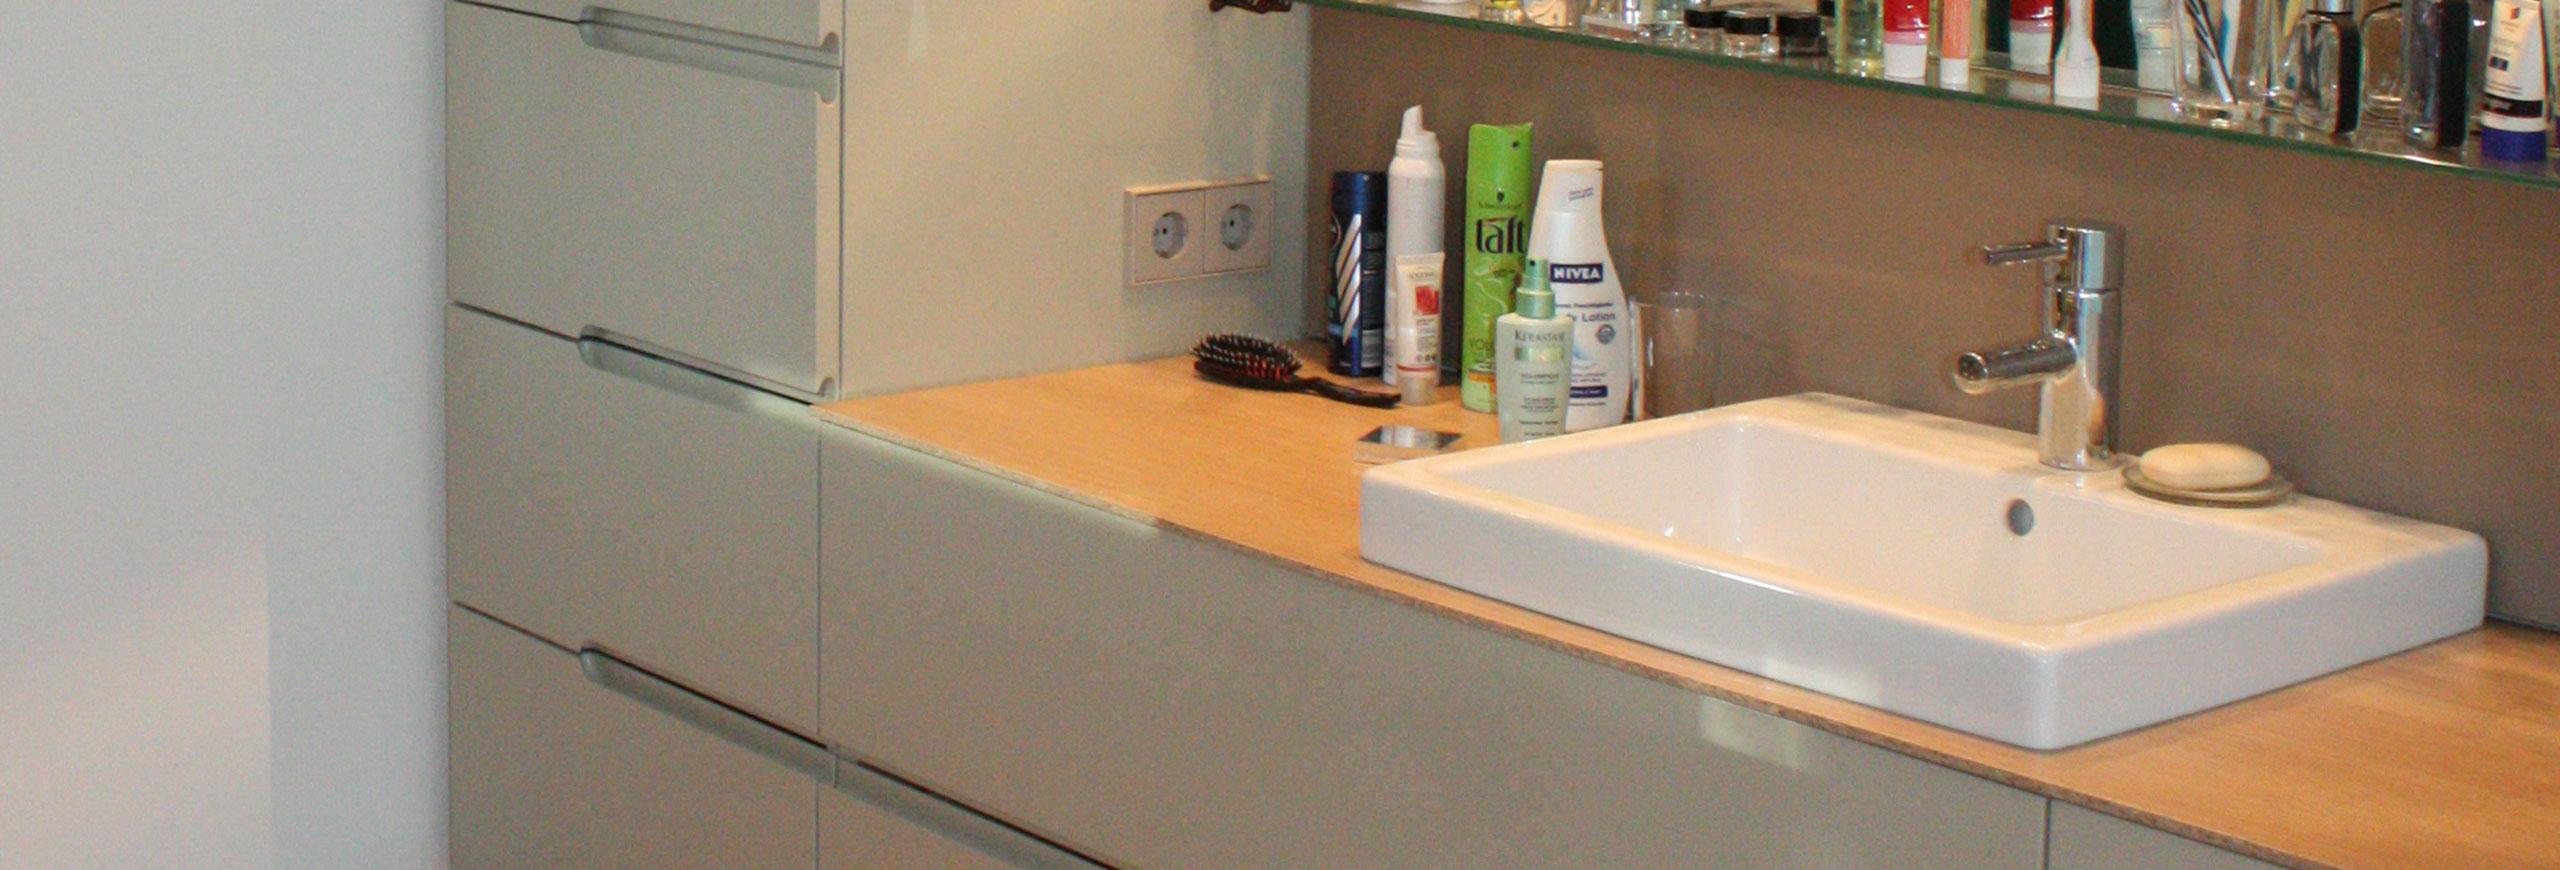 Waschtisch Sauna Mobelwerkstatt Boos